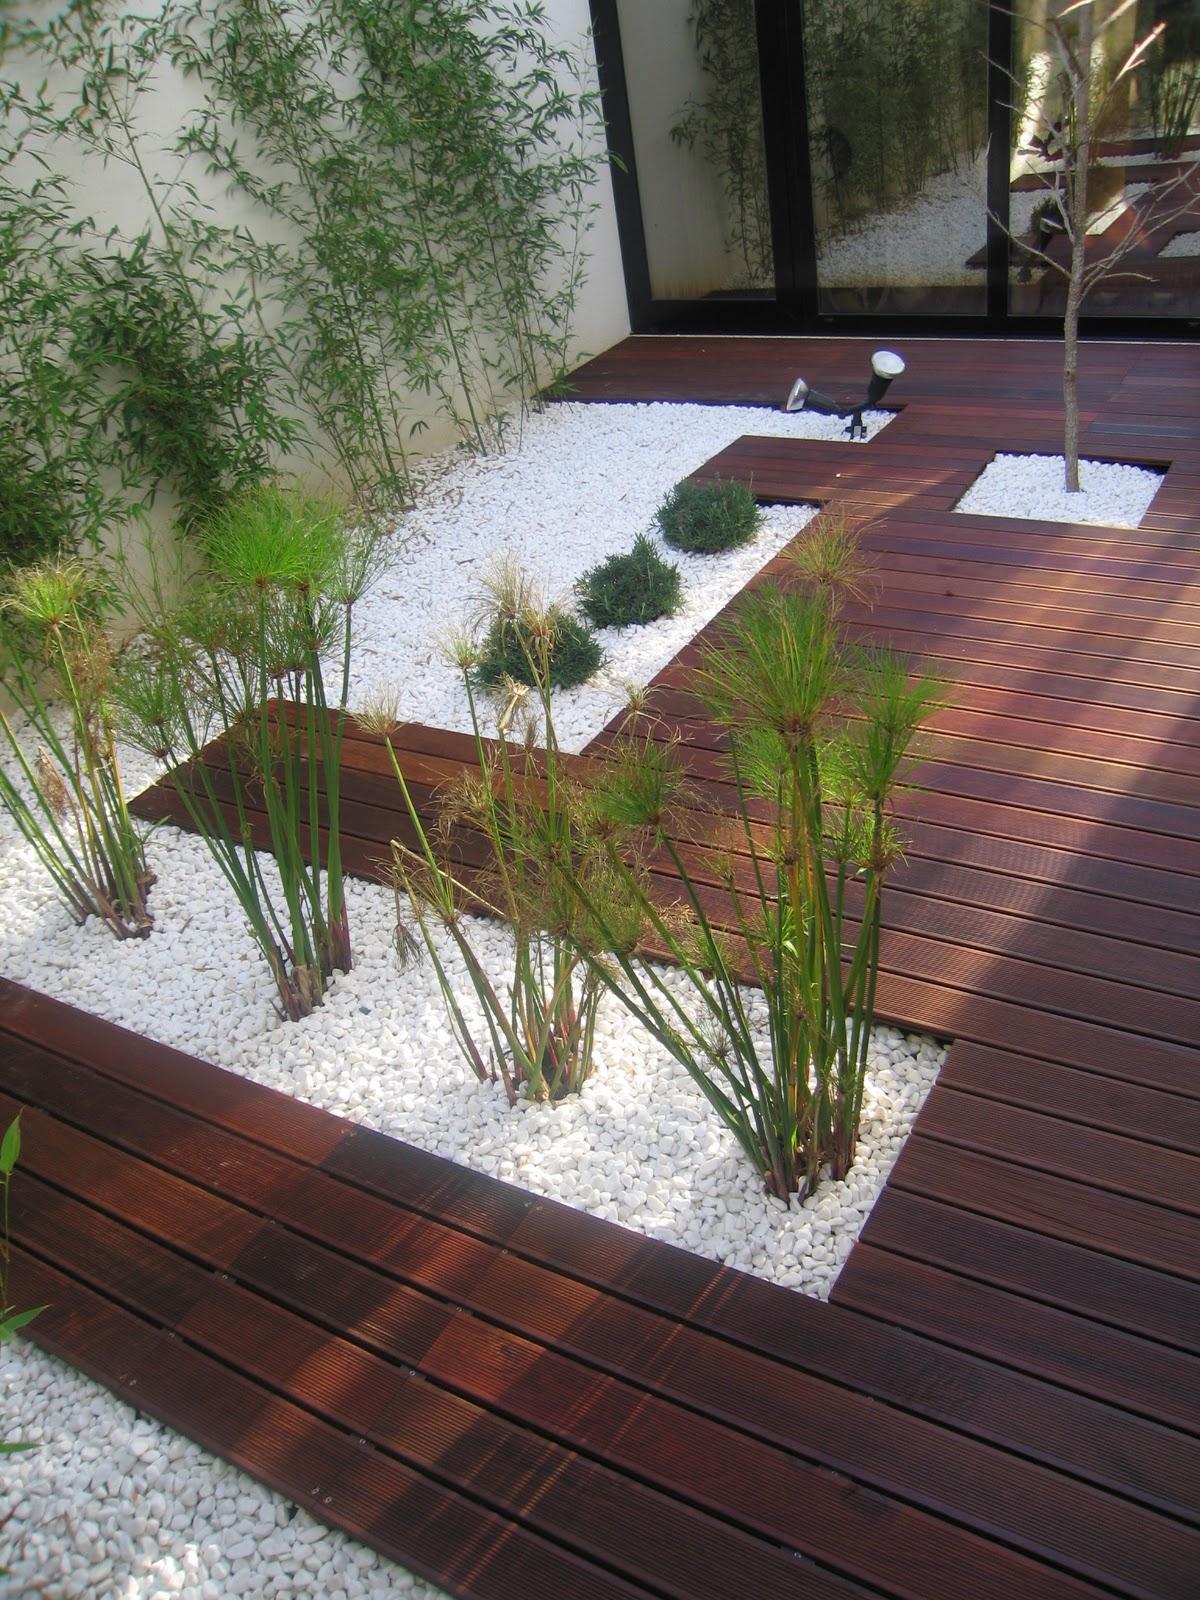 pedidos para colocar fotos de decoração para jardim de inverno  #4B5F35 1200 1600